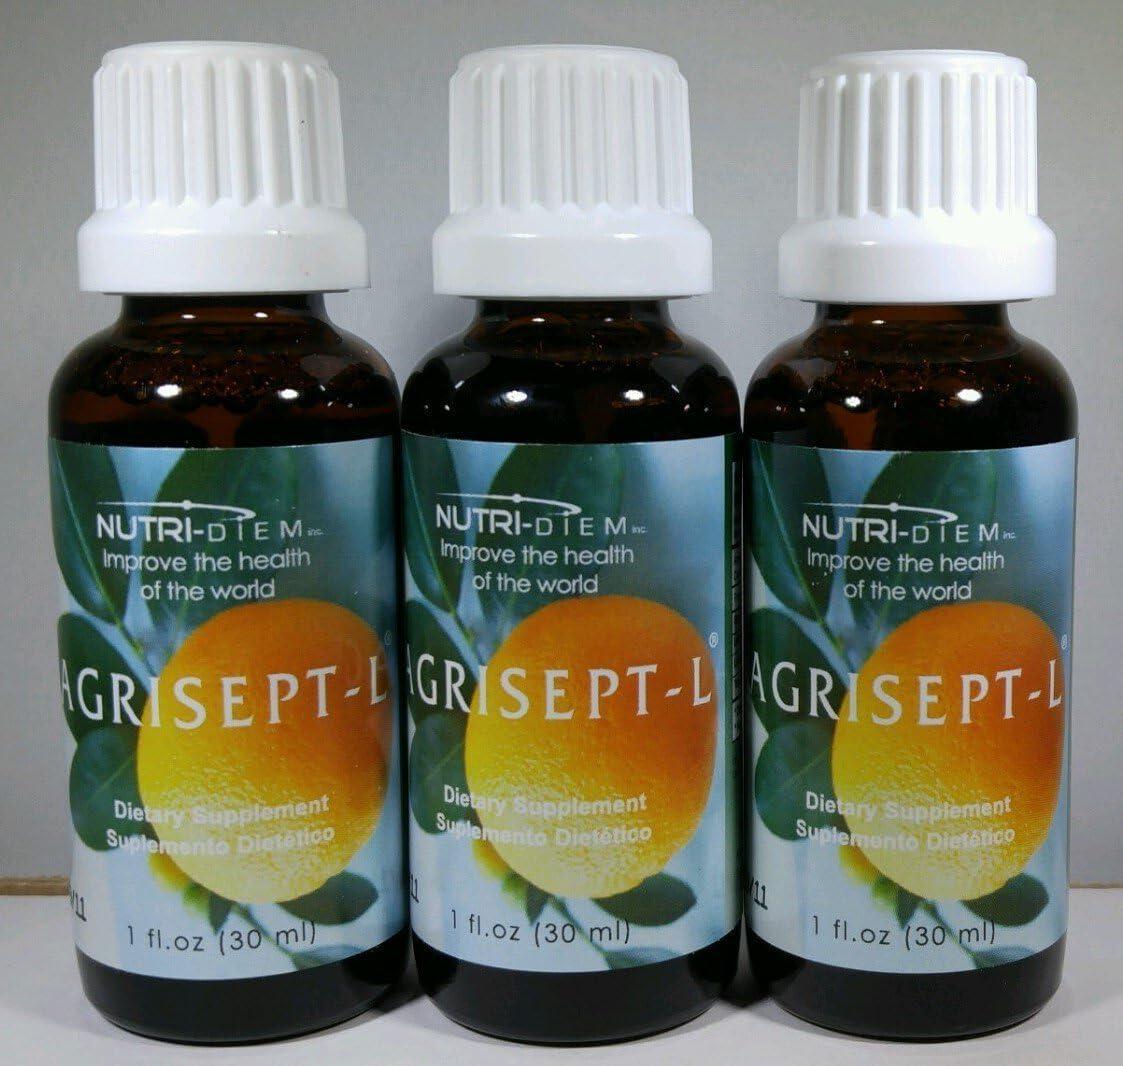 Agrisept – L Antioxidant 30ml 1 oz 3 bottles